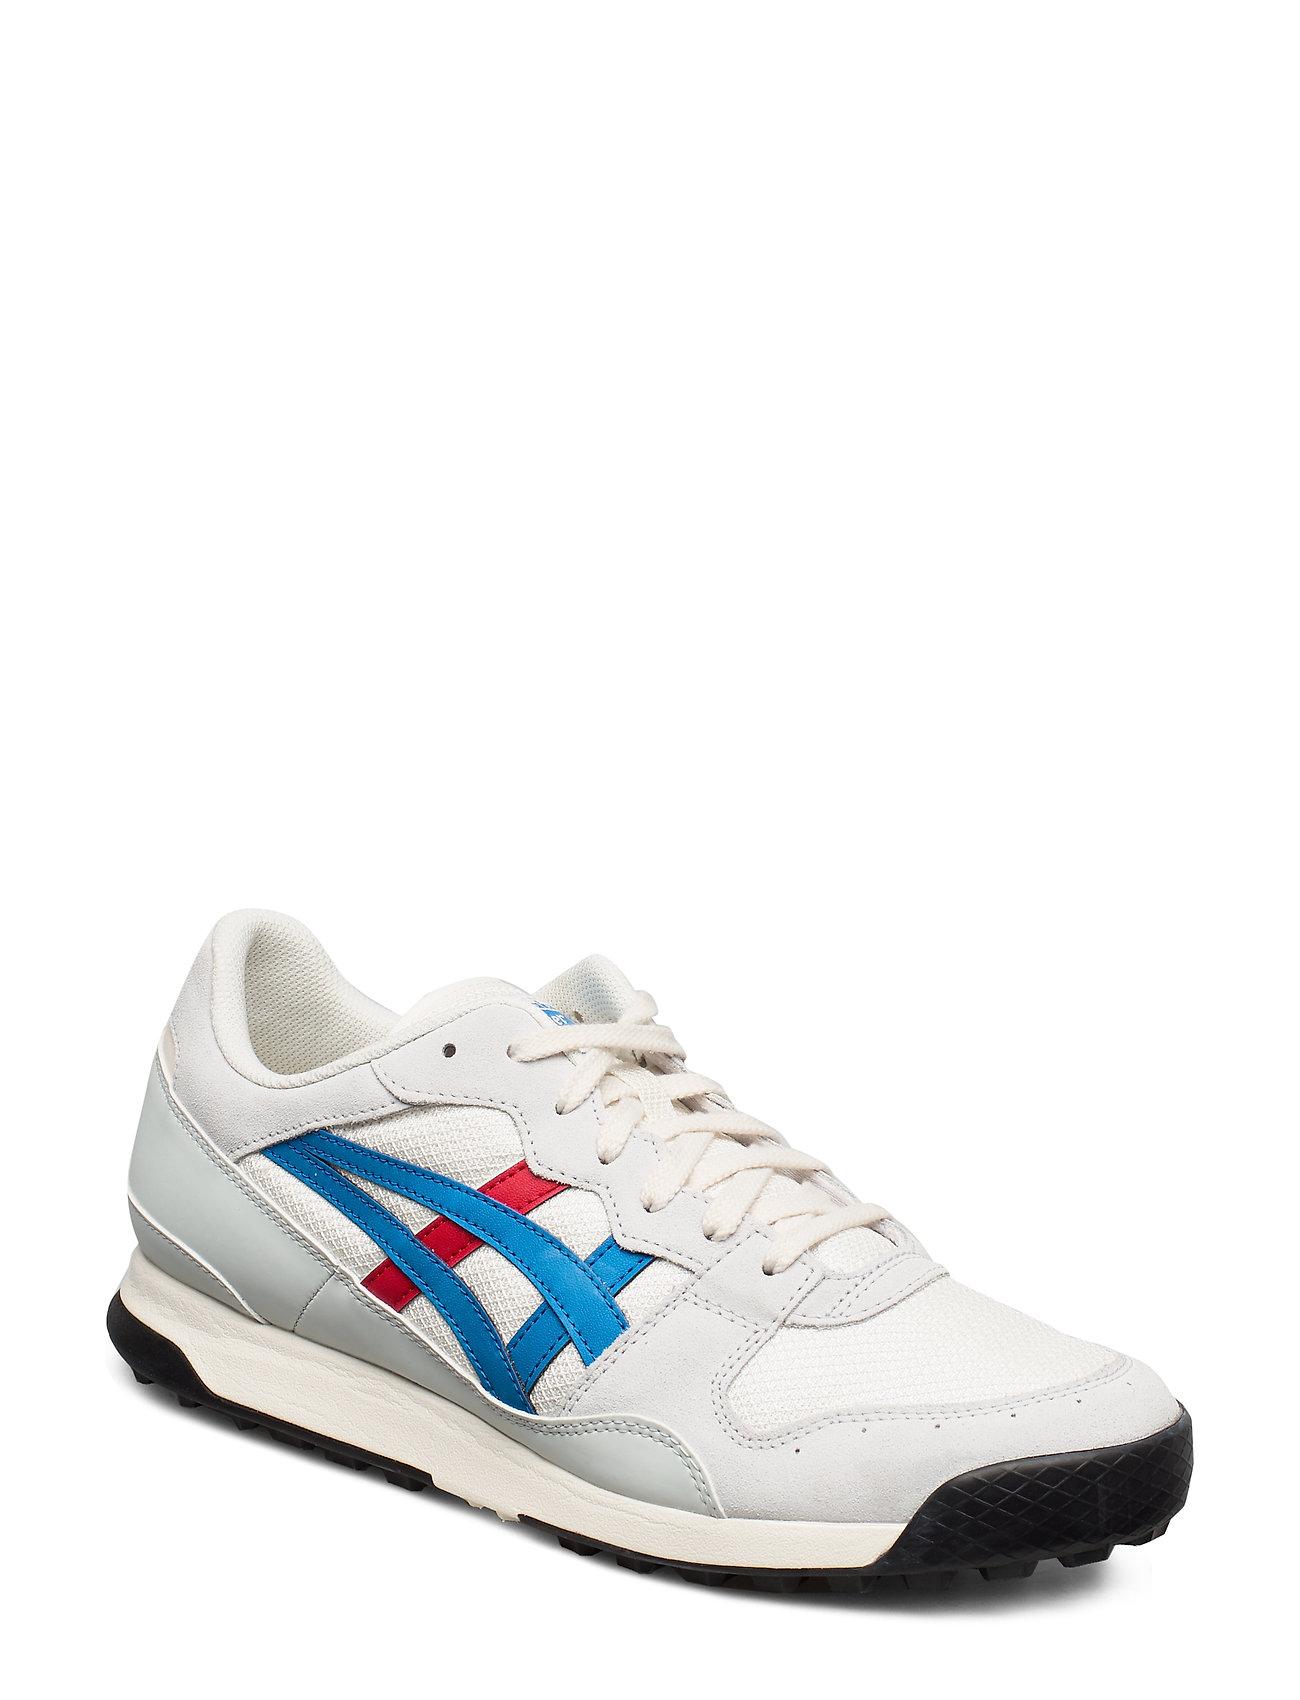 Image of Tiger Horizonia Low-top Sneakers Hvid Onitsuka Tiger (3488472967)